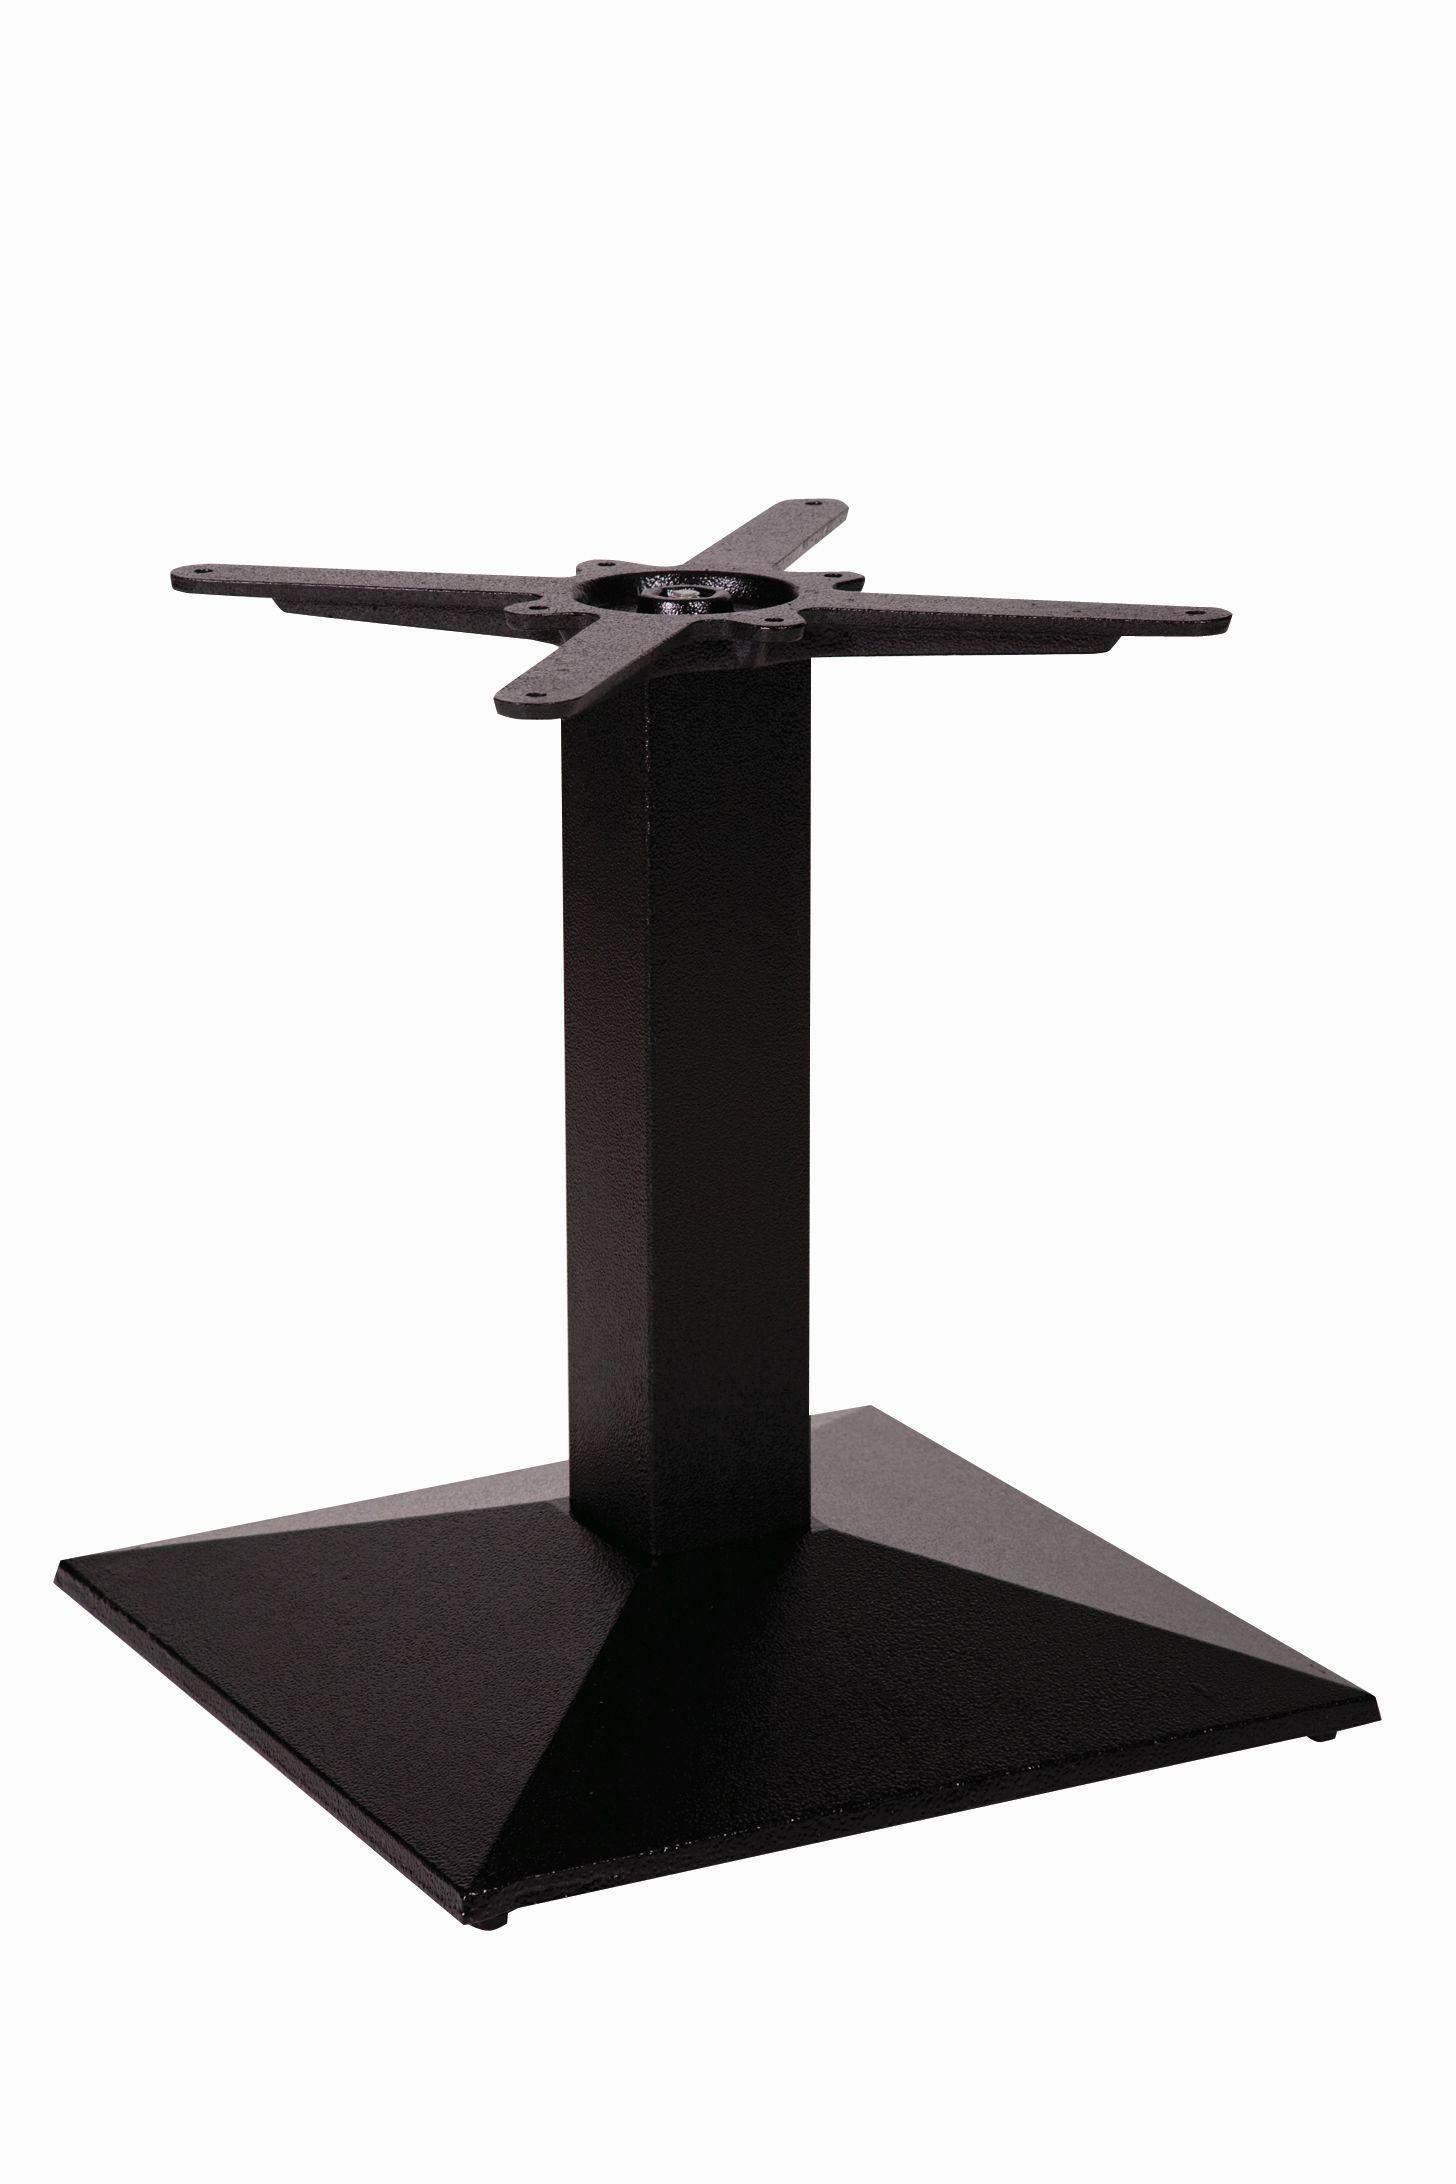 Quadric Cast Iron Single Pedestal Commercial Bar Table Base